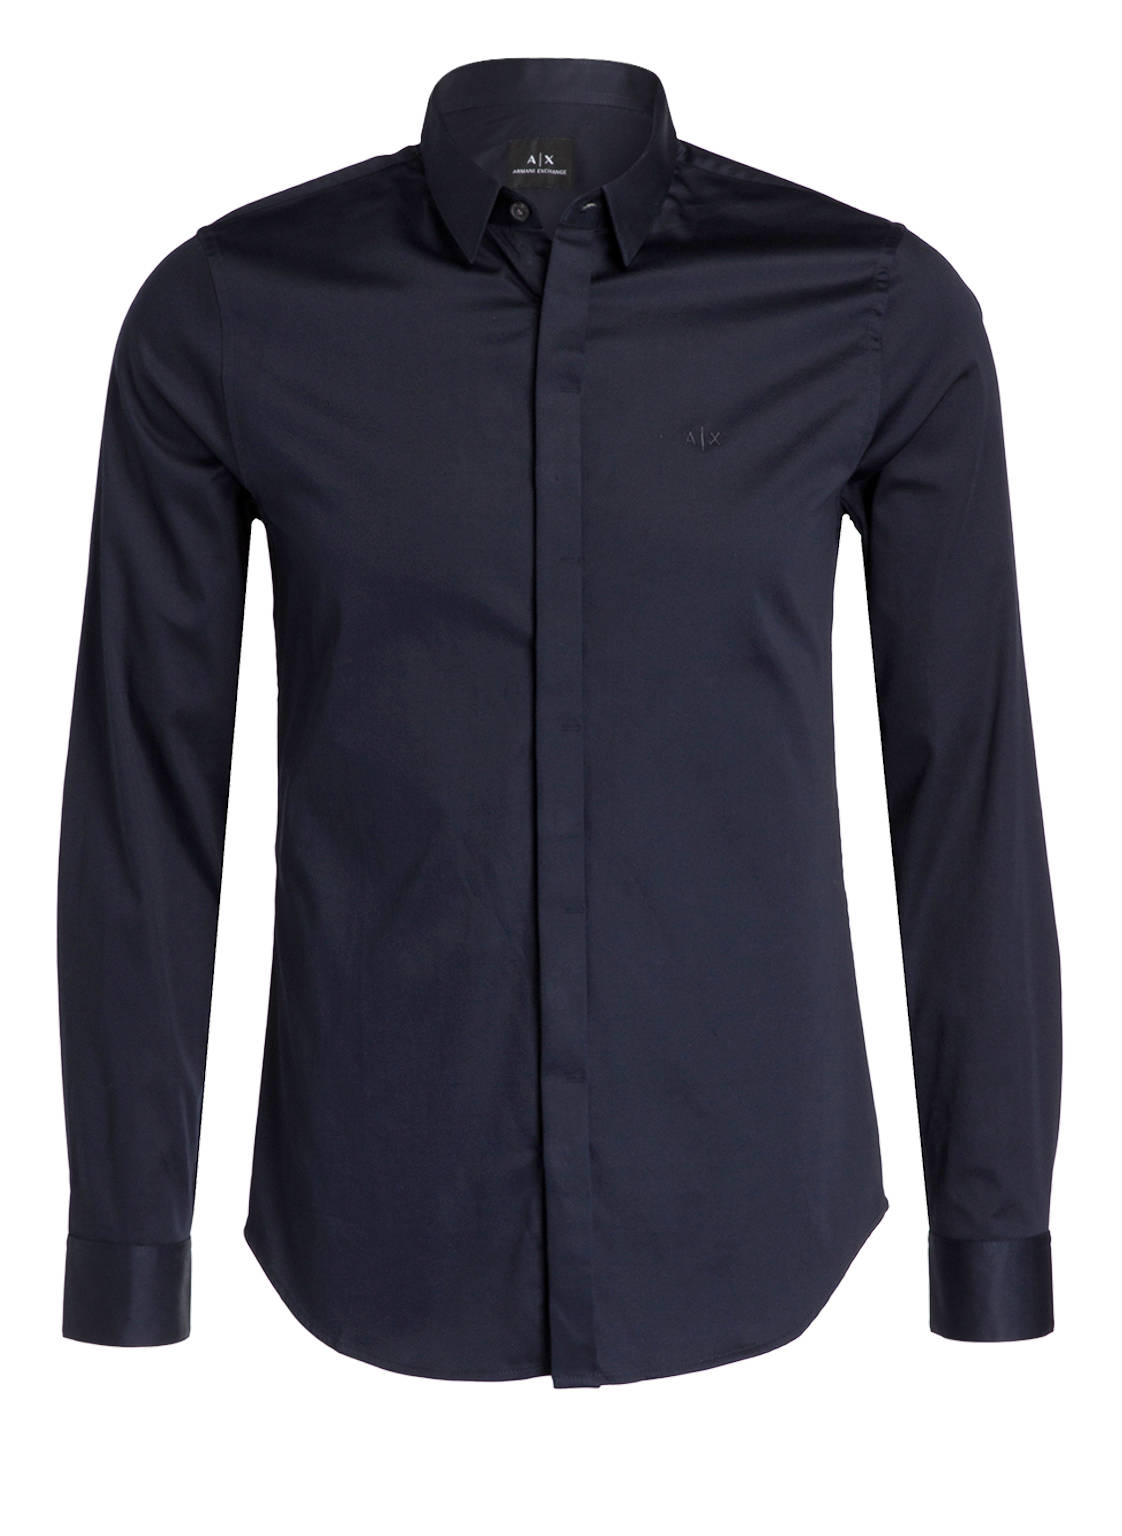 Image of Armani Exchange Hemd Slim Fit Mit Verdeckter Knopfleiste blau